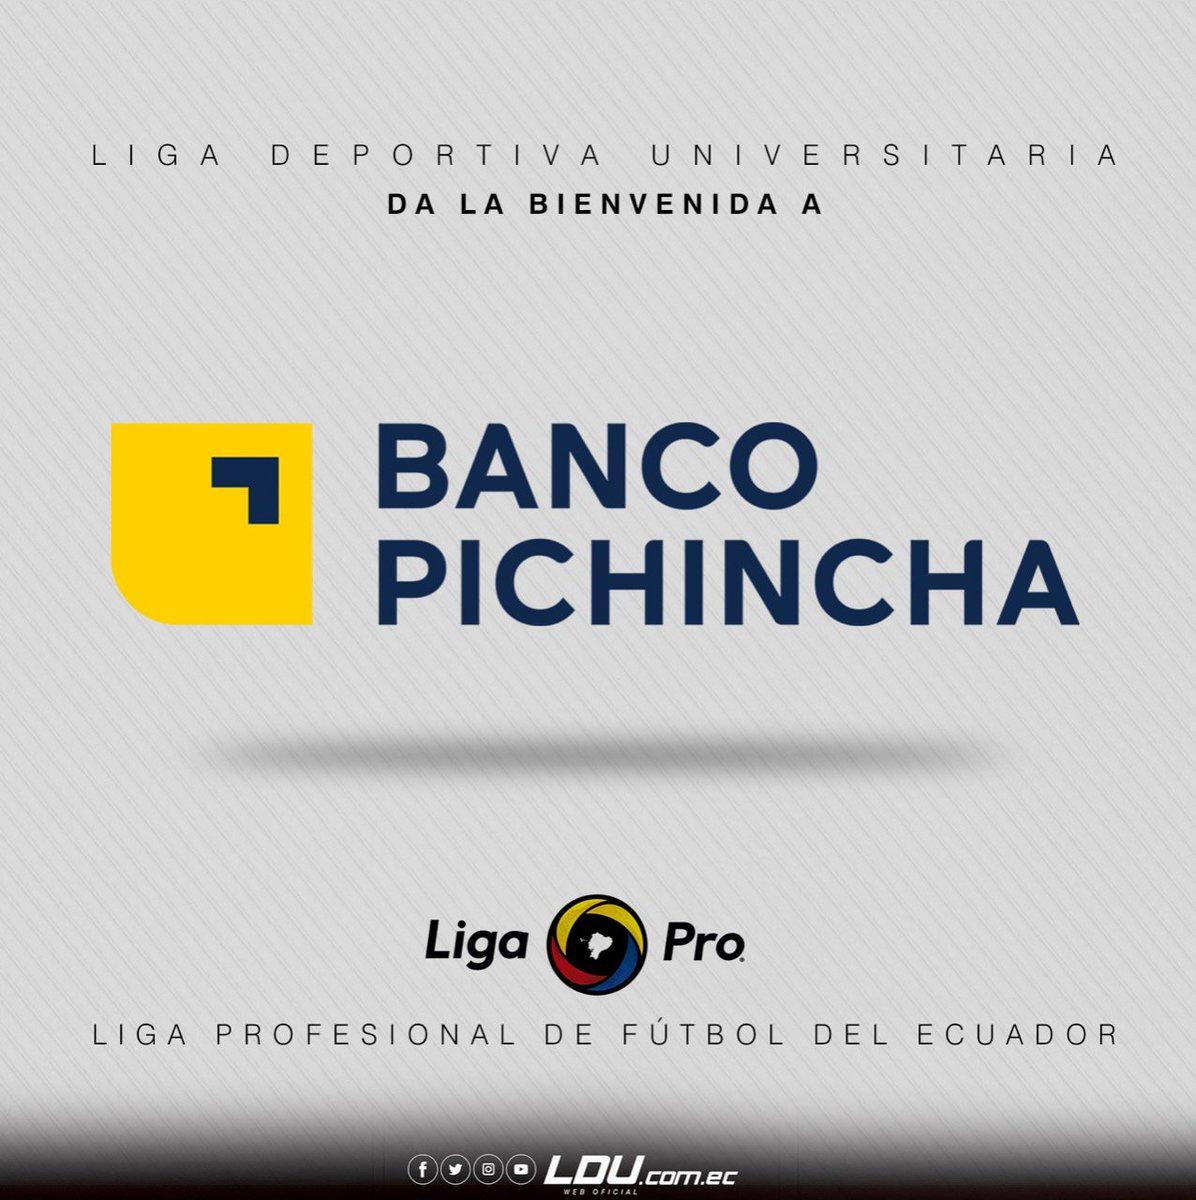 ¡Bienvenidos @BancoPichincha a la @LigaProEC!  ¡Estamos seguros que le darán un gran #Impulso al fútbol ecuatoriano! 😎